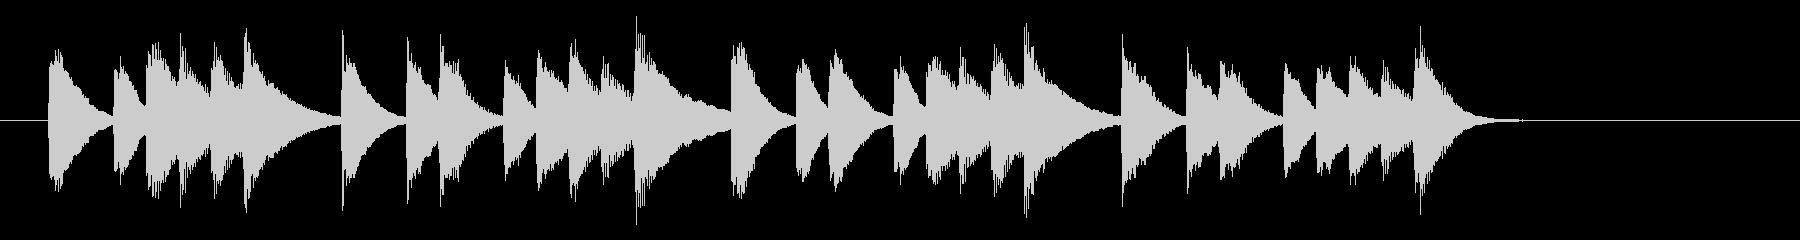 ほっと一息つくピアノジングル 9秒の未再生の波形